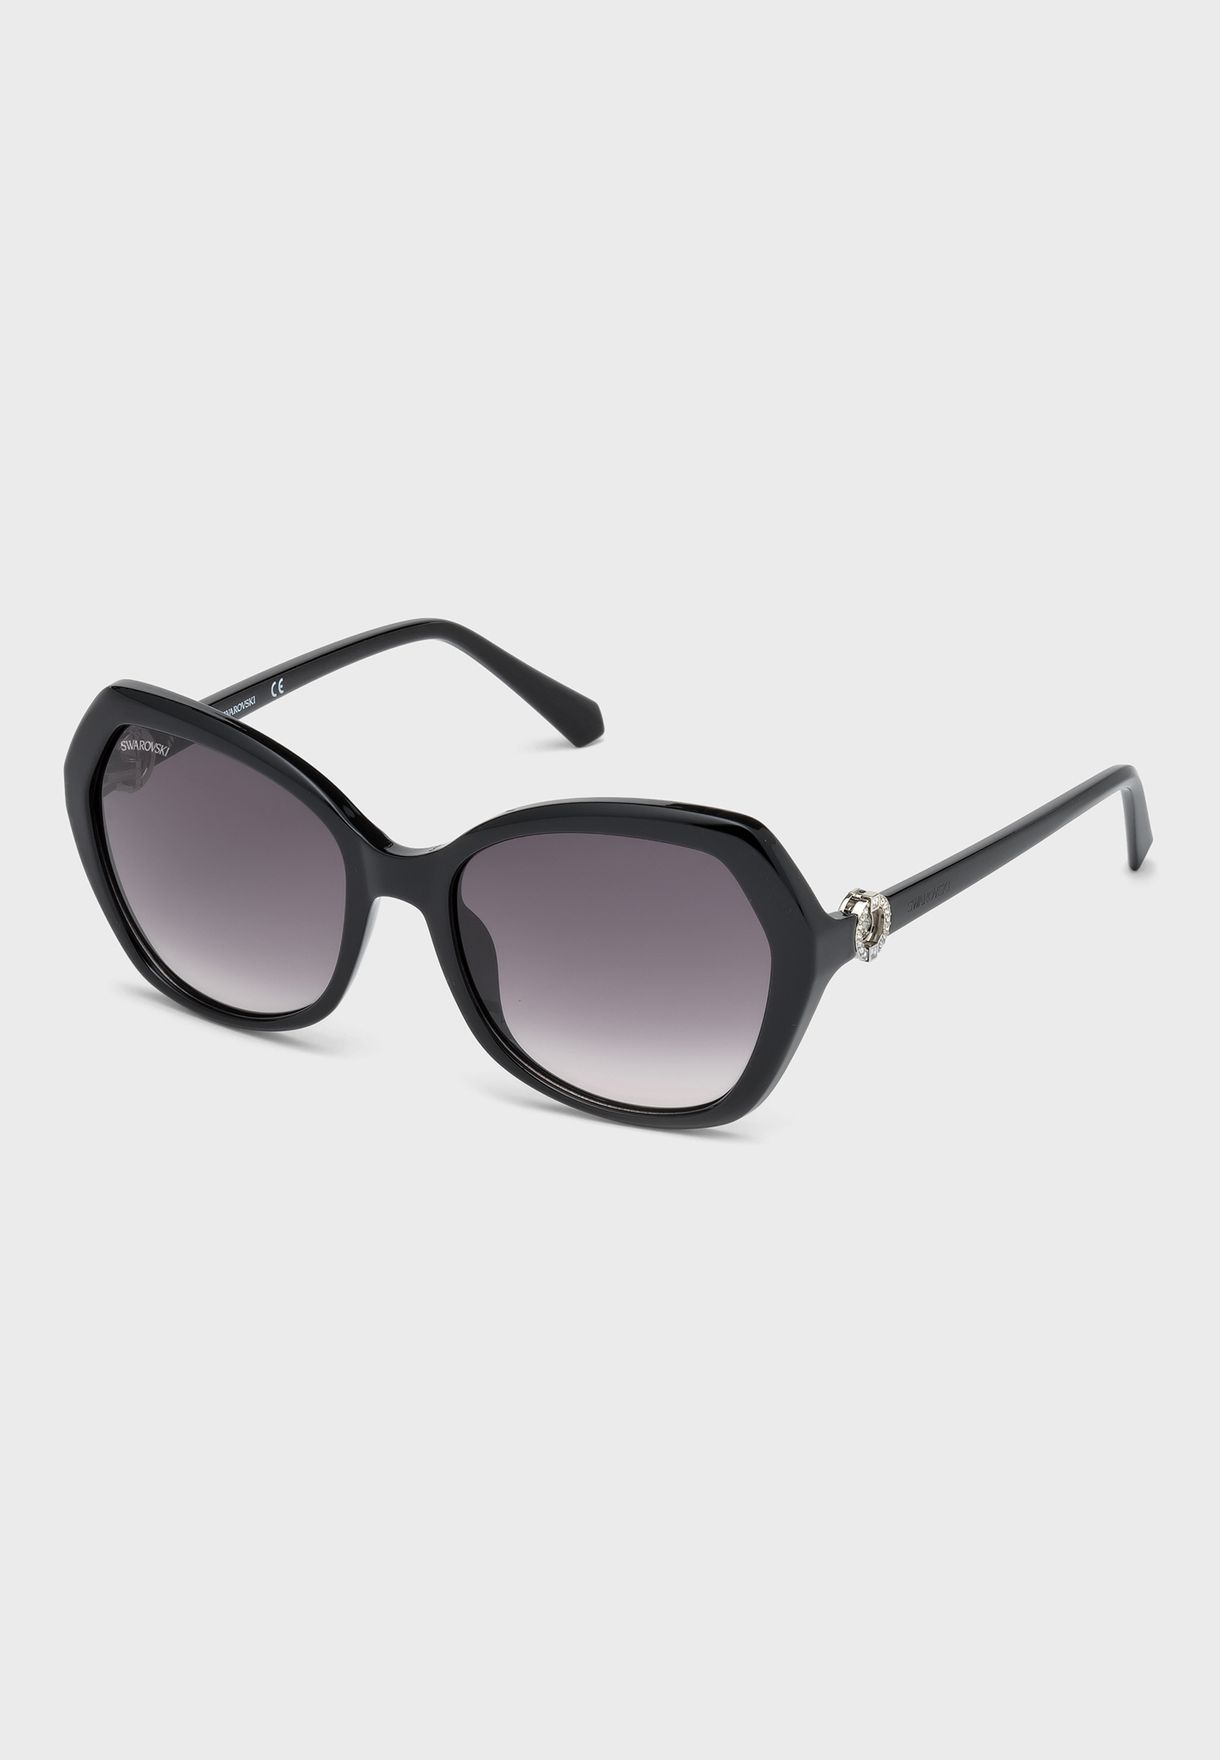 Acetate Gradient Oversized Sunglasses